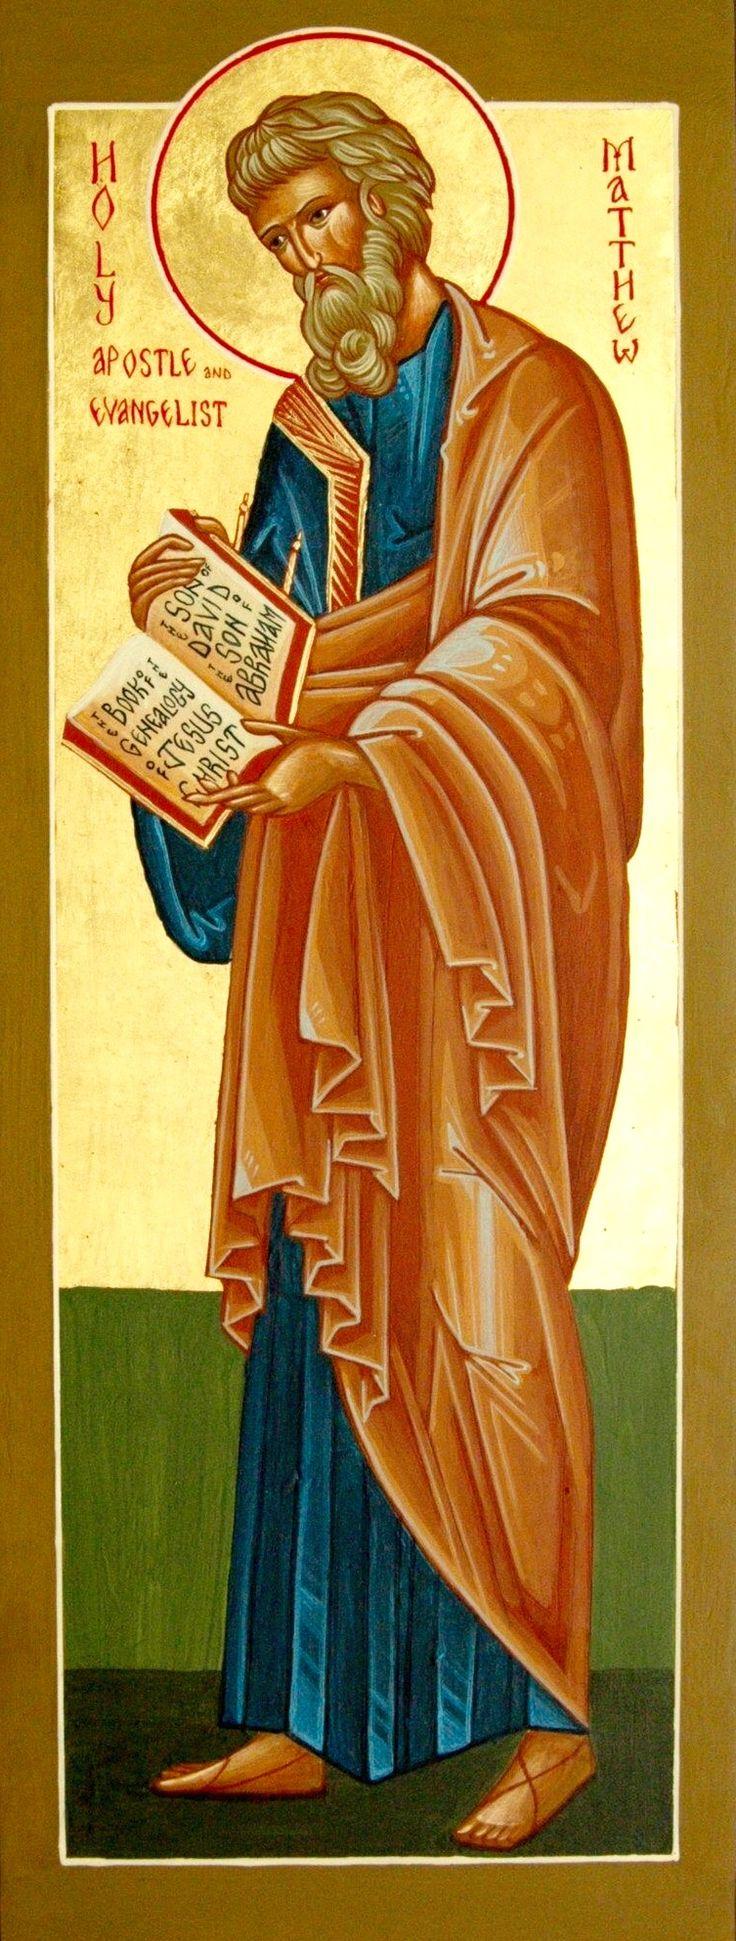 Άγ.Ματθαίος Απόστολος και Ευαγγελιστής.  _ nov 16